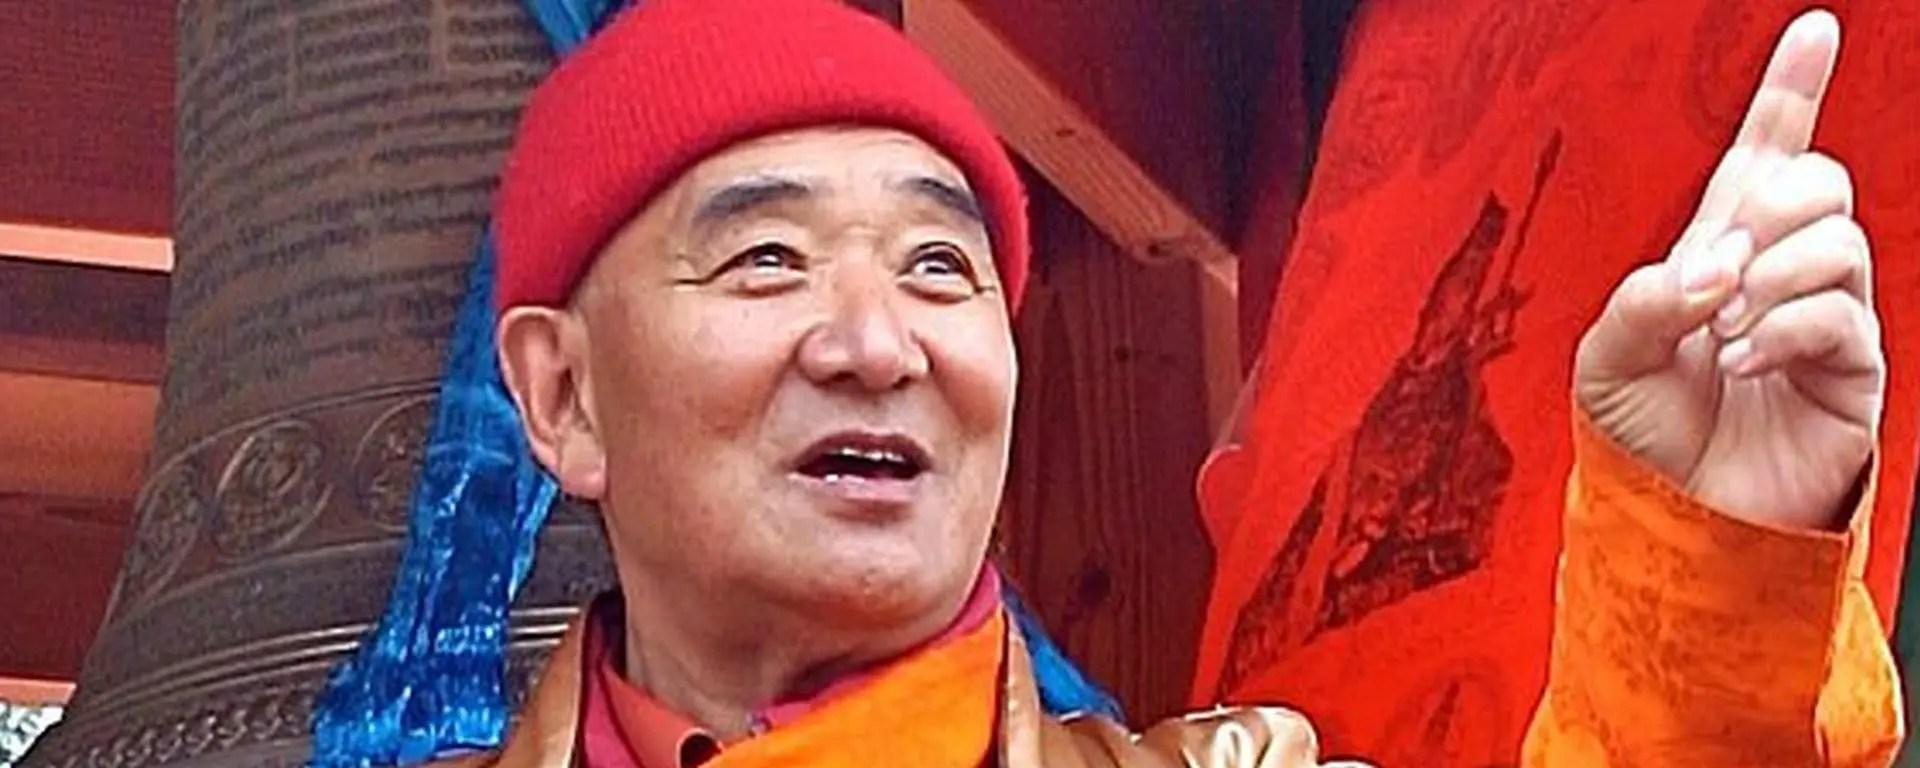 Entrevista a Tarthang Tulku Rimpoché